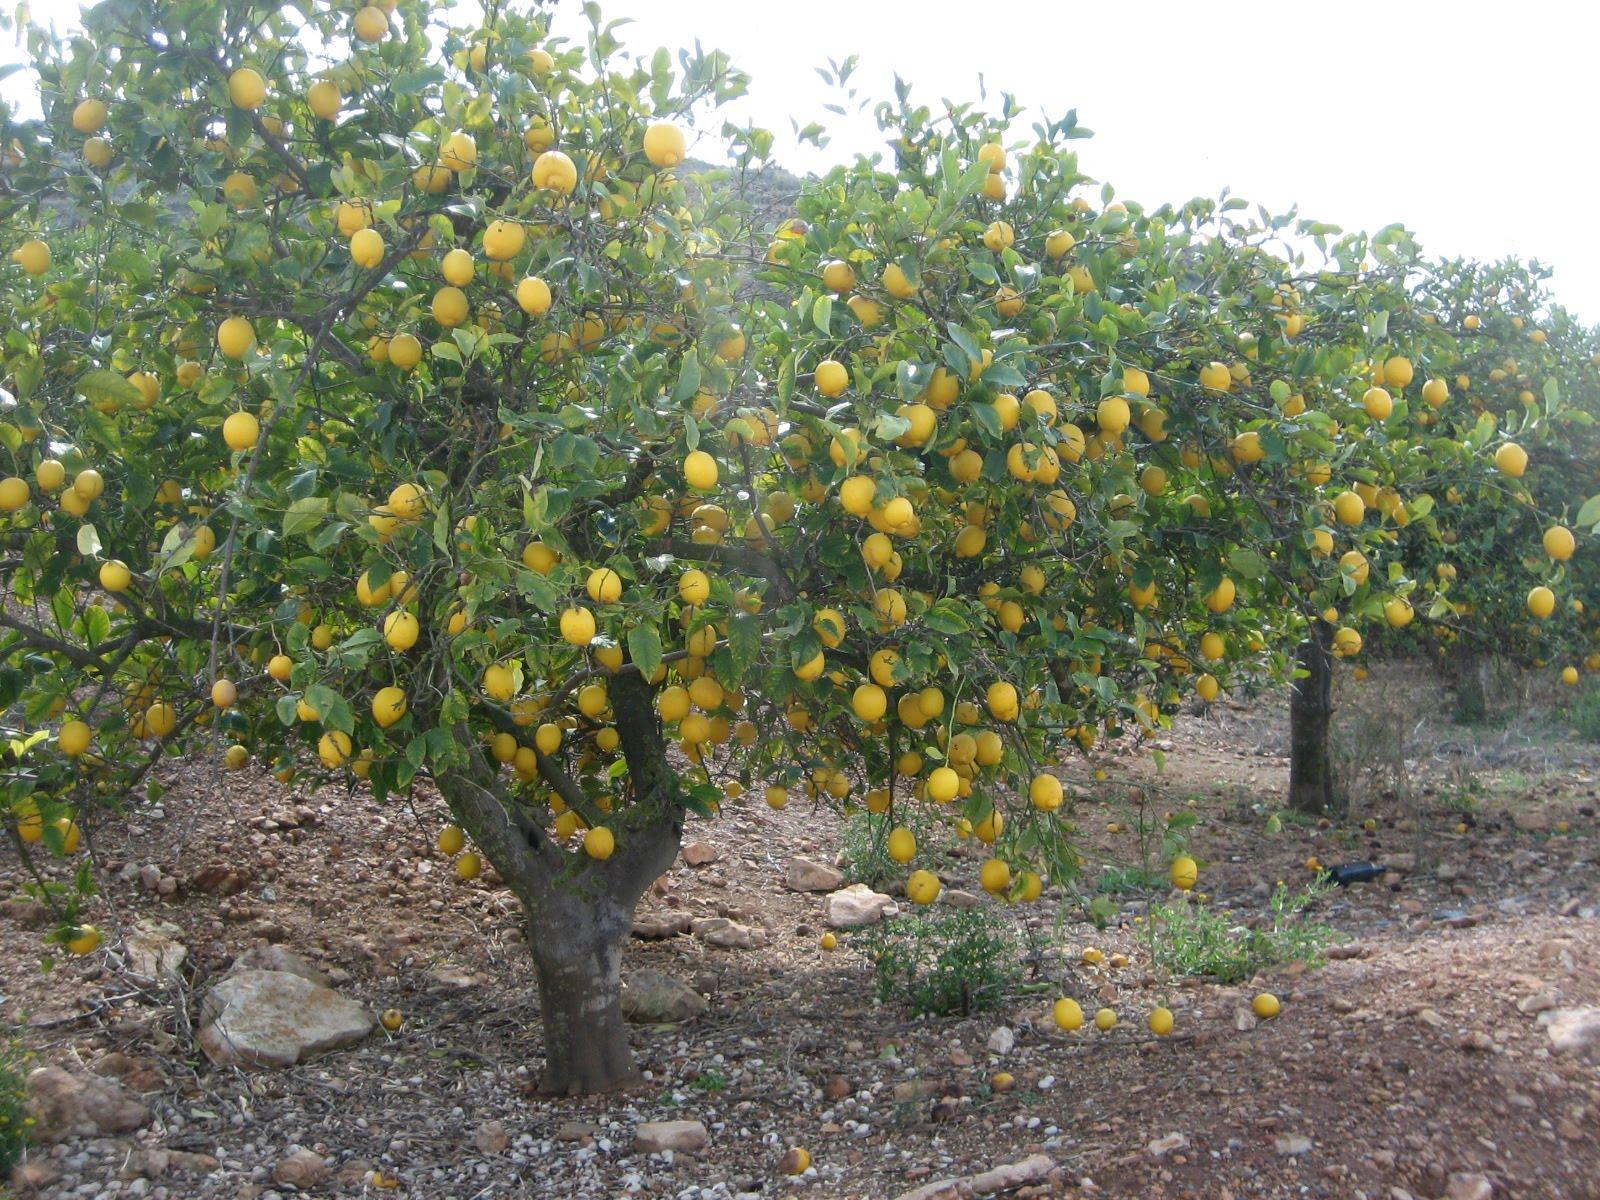 iba yo tan tranquilo paseando entre los limoneros que estos d&#237